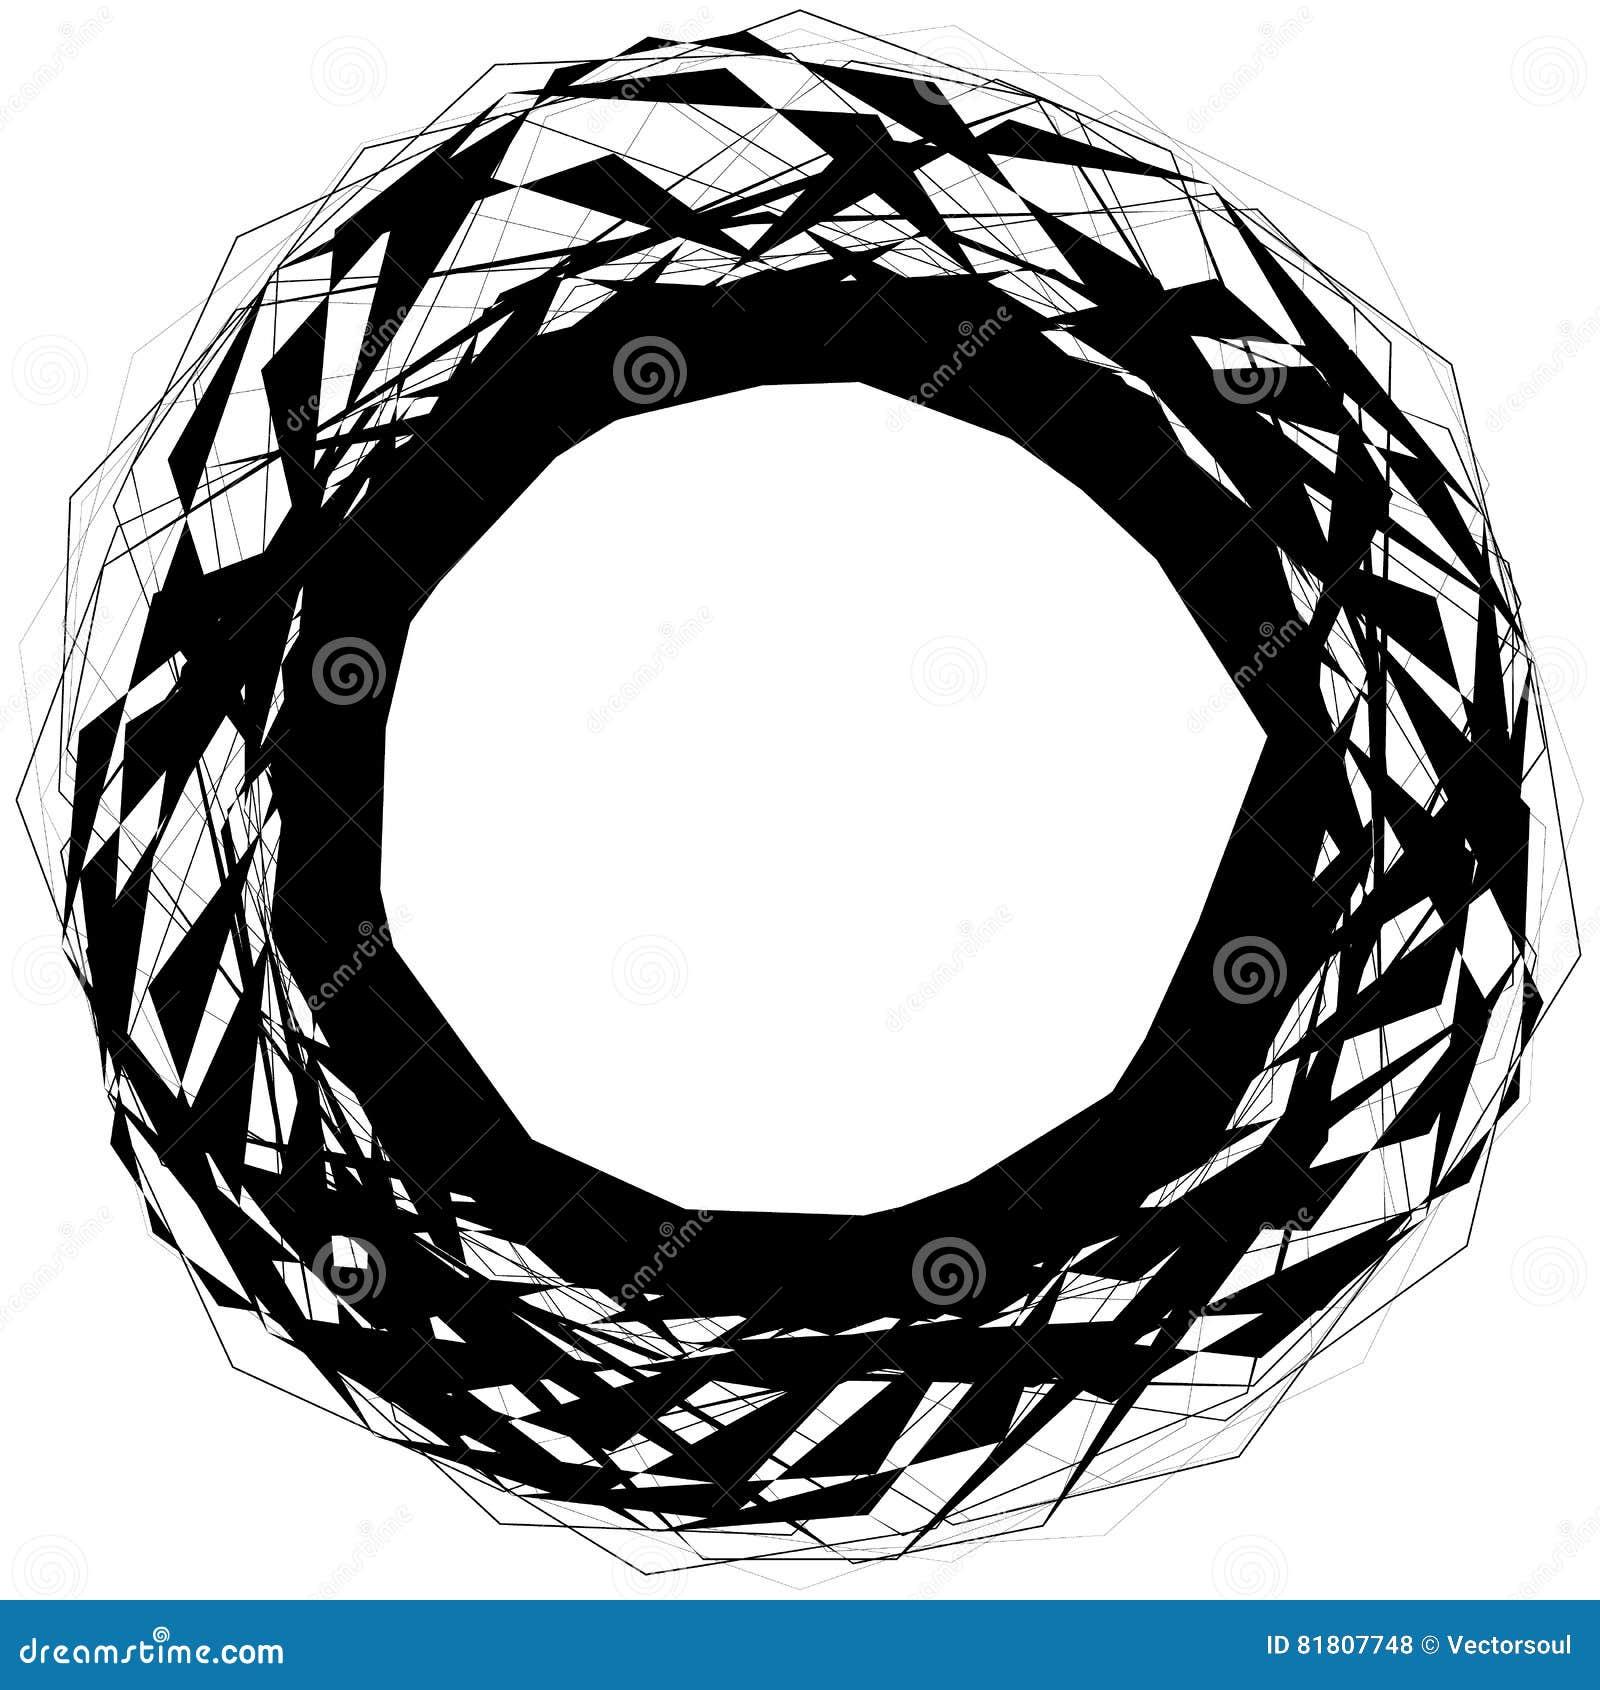 Abstrakte nervöse Kreisform, Element lokalisiert auf Weiß gelegentlich